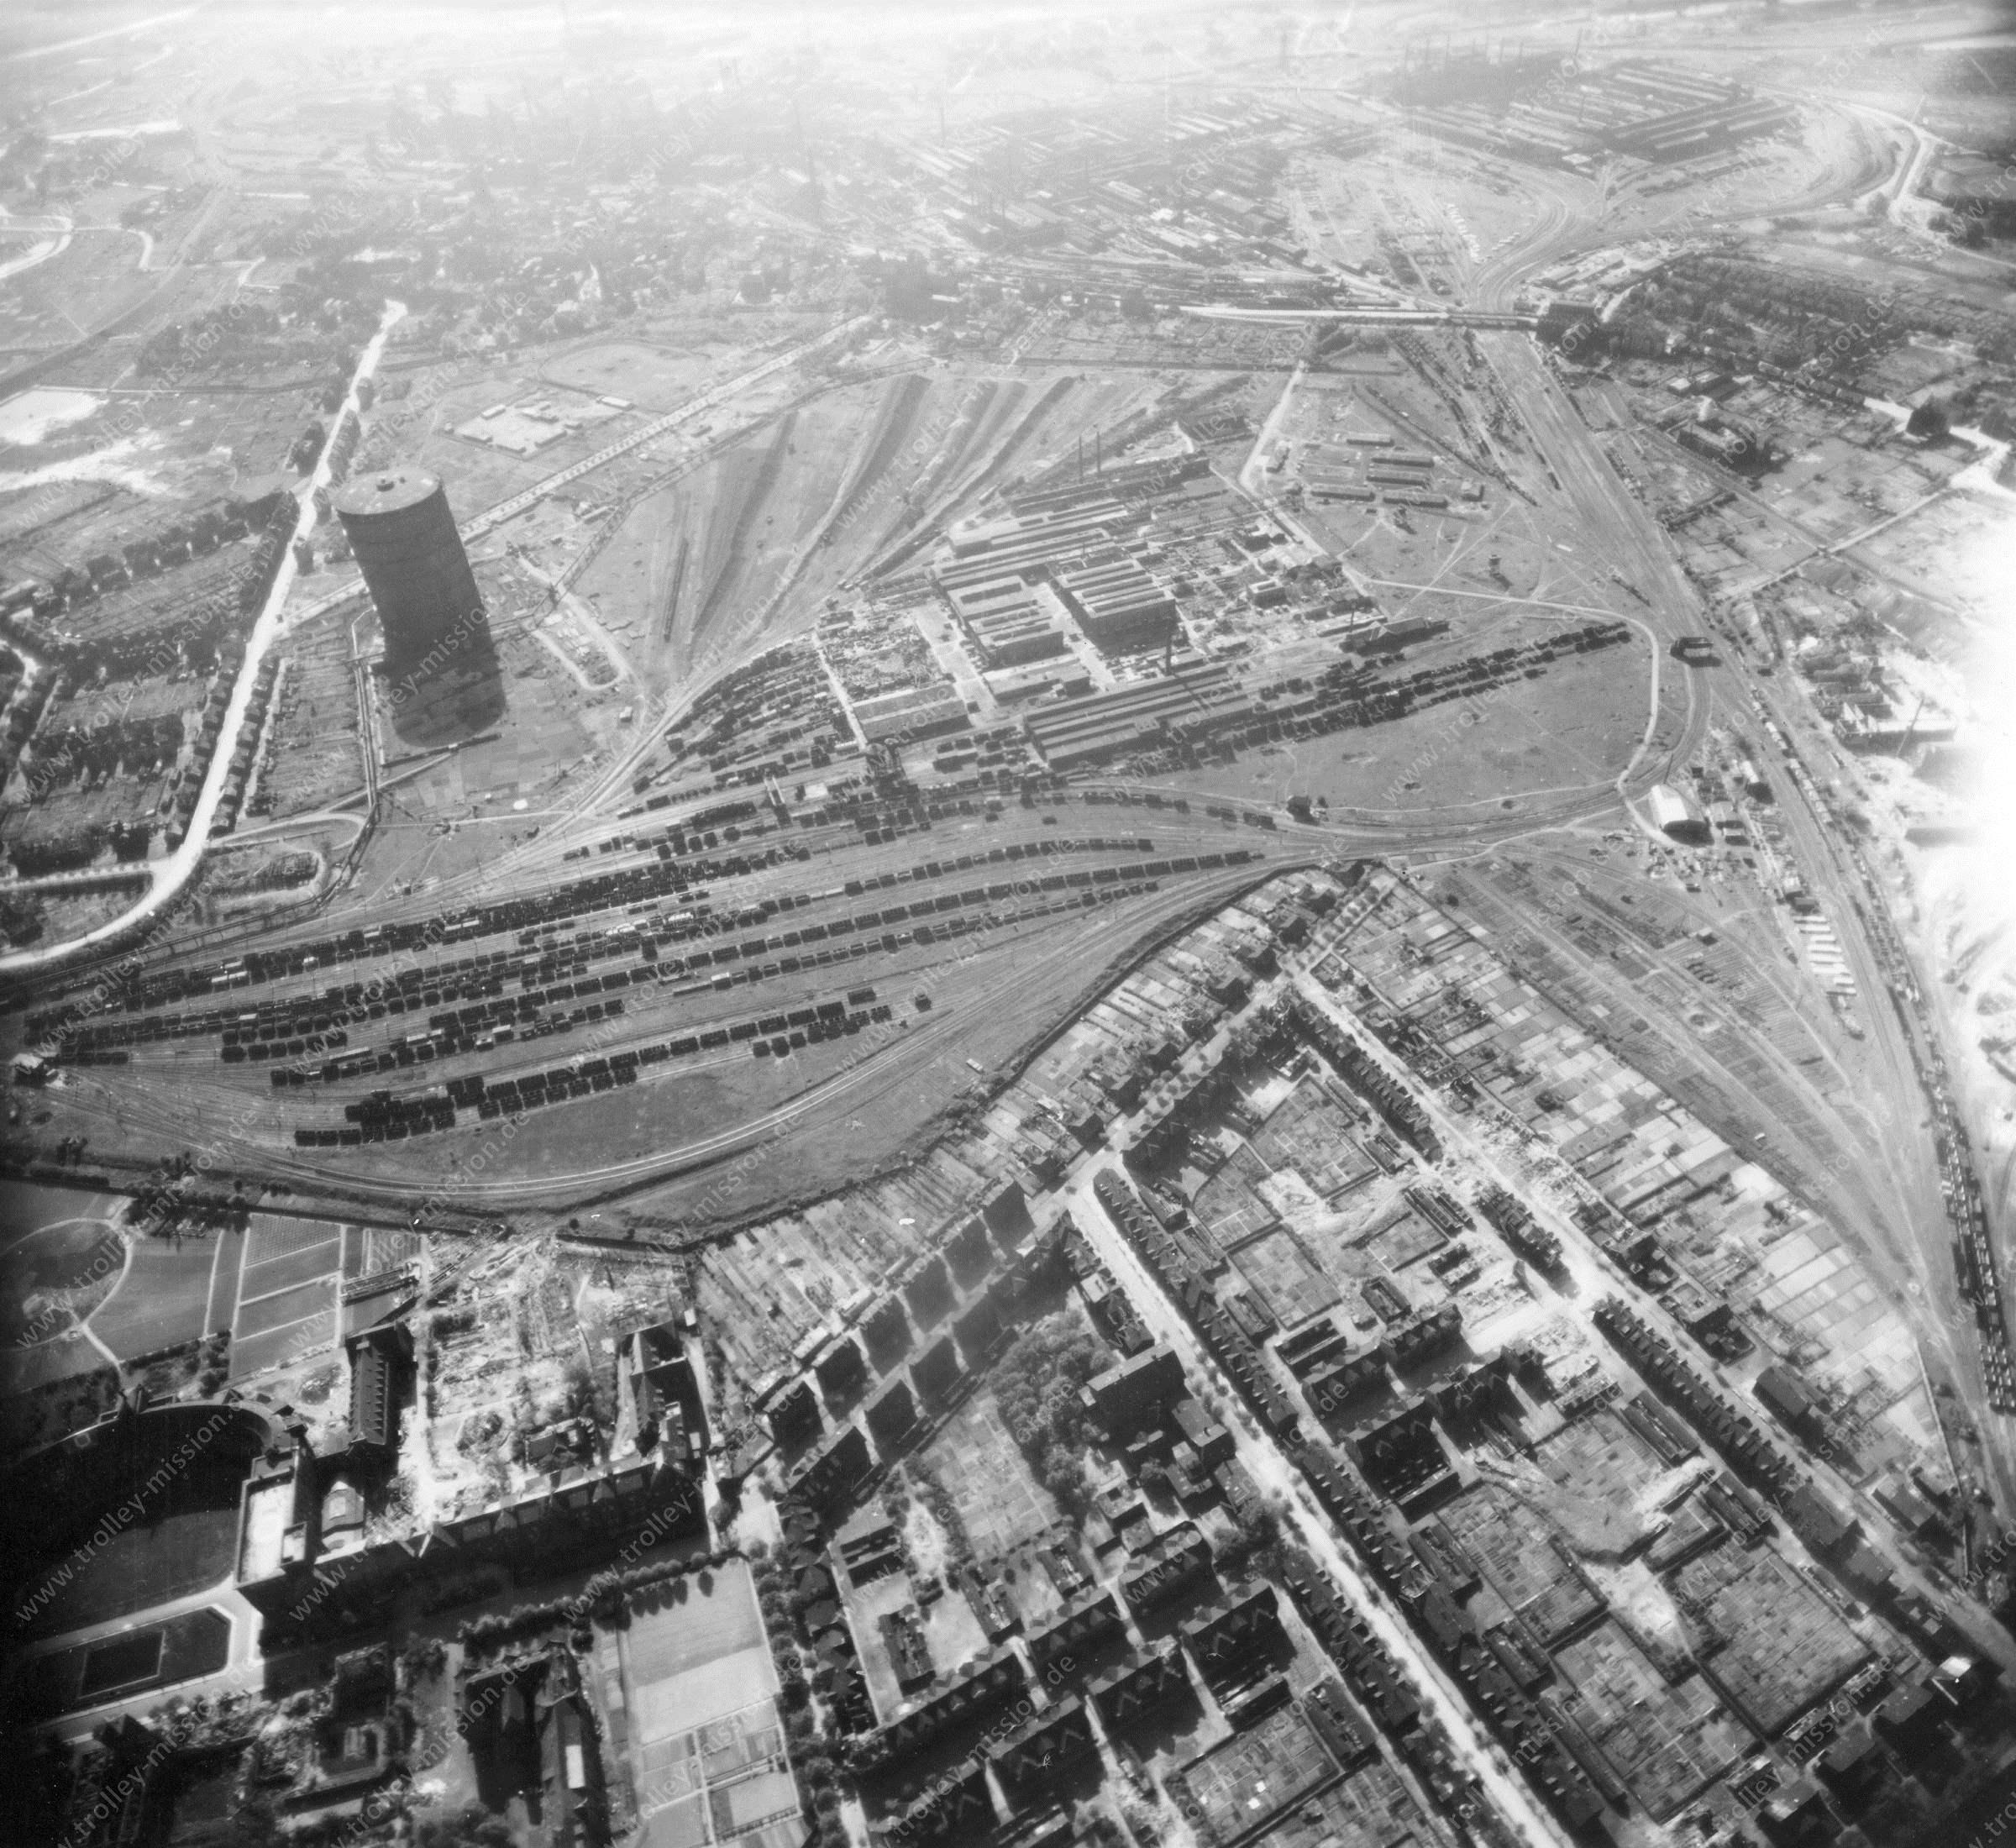 Duisburg Luftbild Stahl- und Kohleindustrie Thyssen-Krupp zwischen Alt-Hamborn und Marxloh